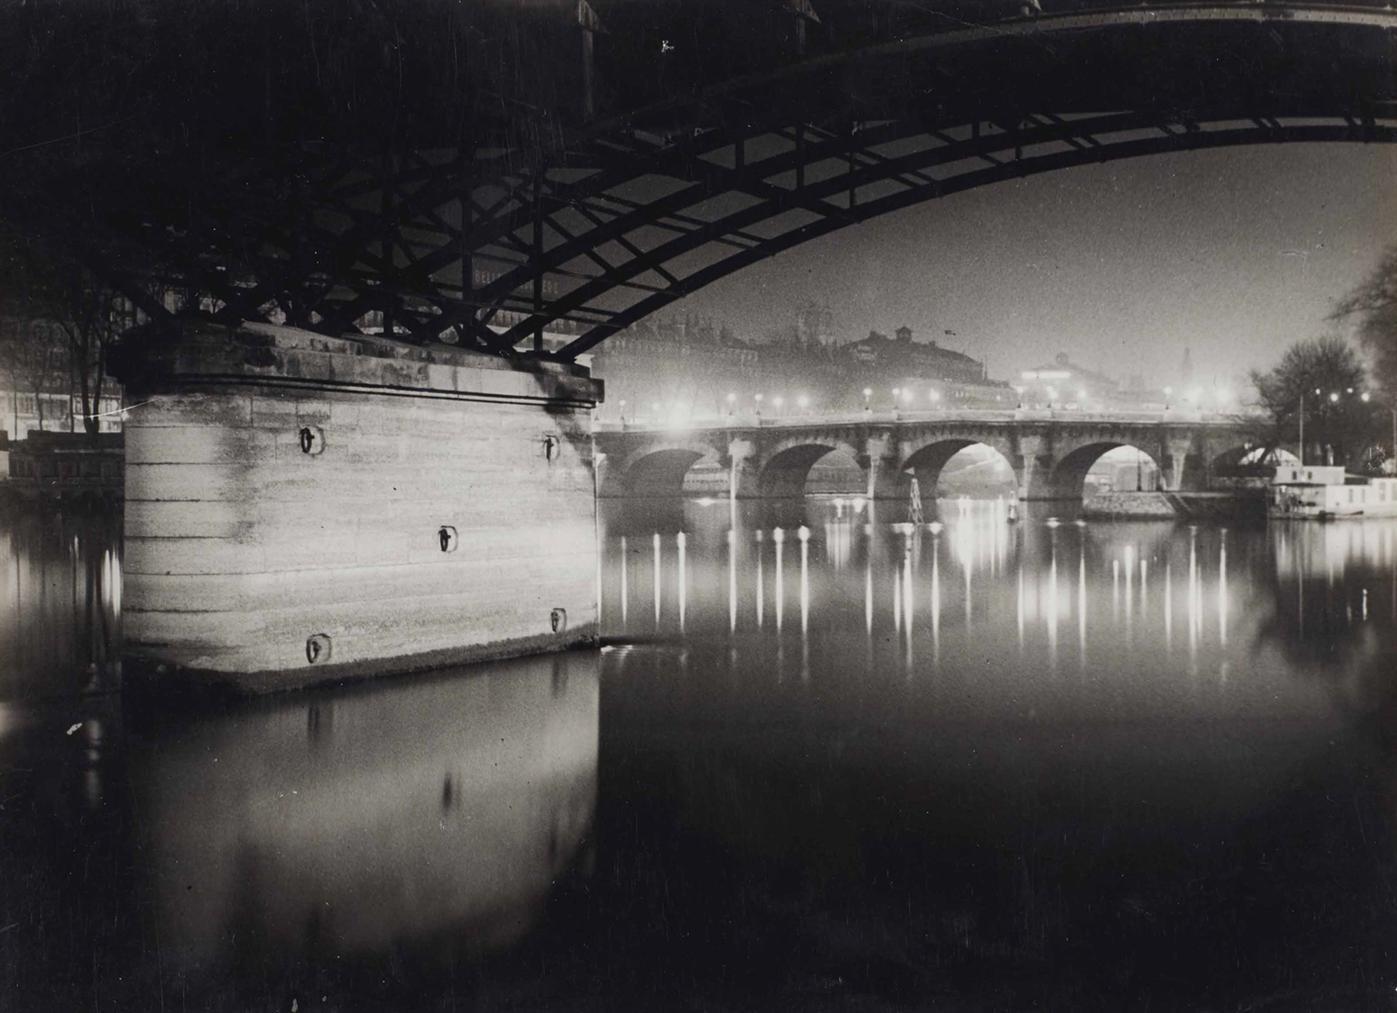 Brassai-Pont Des Arts La Nuit, Paris-1932